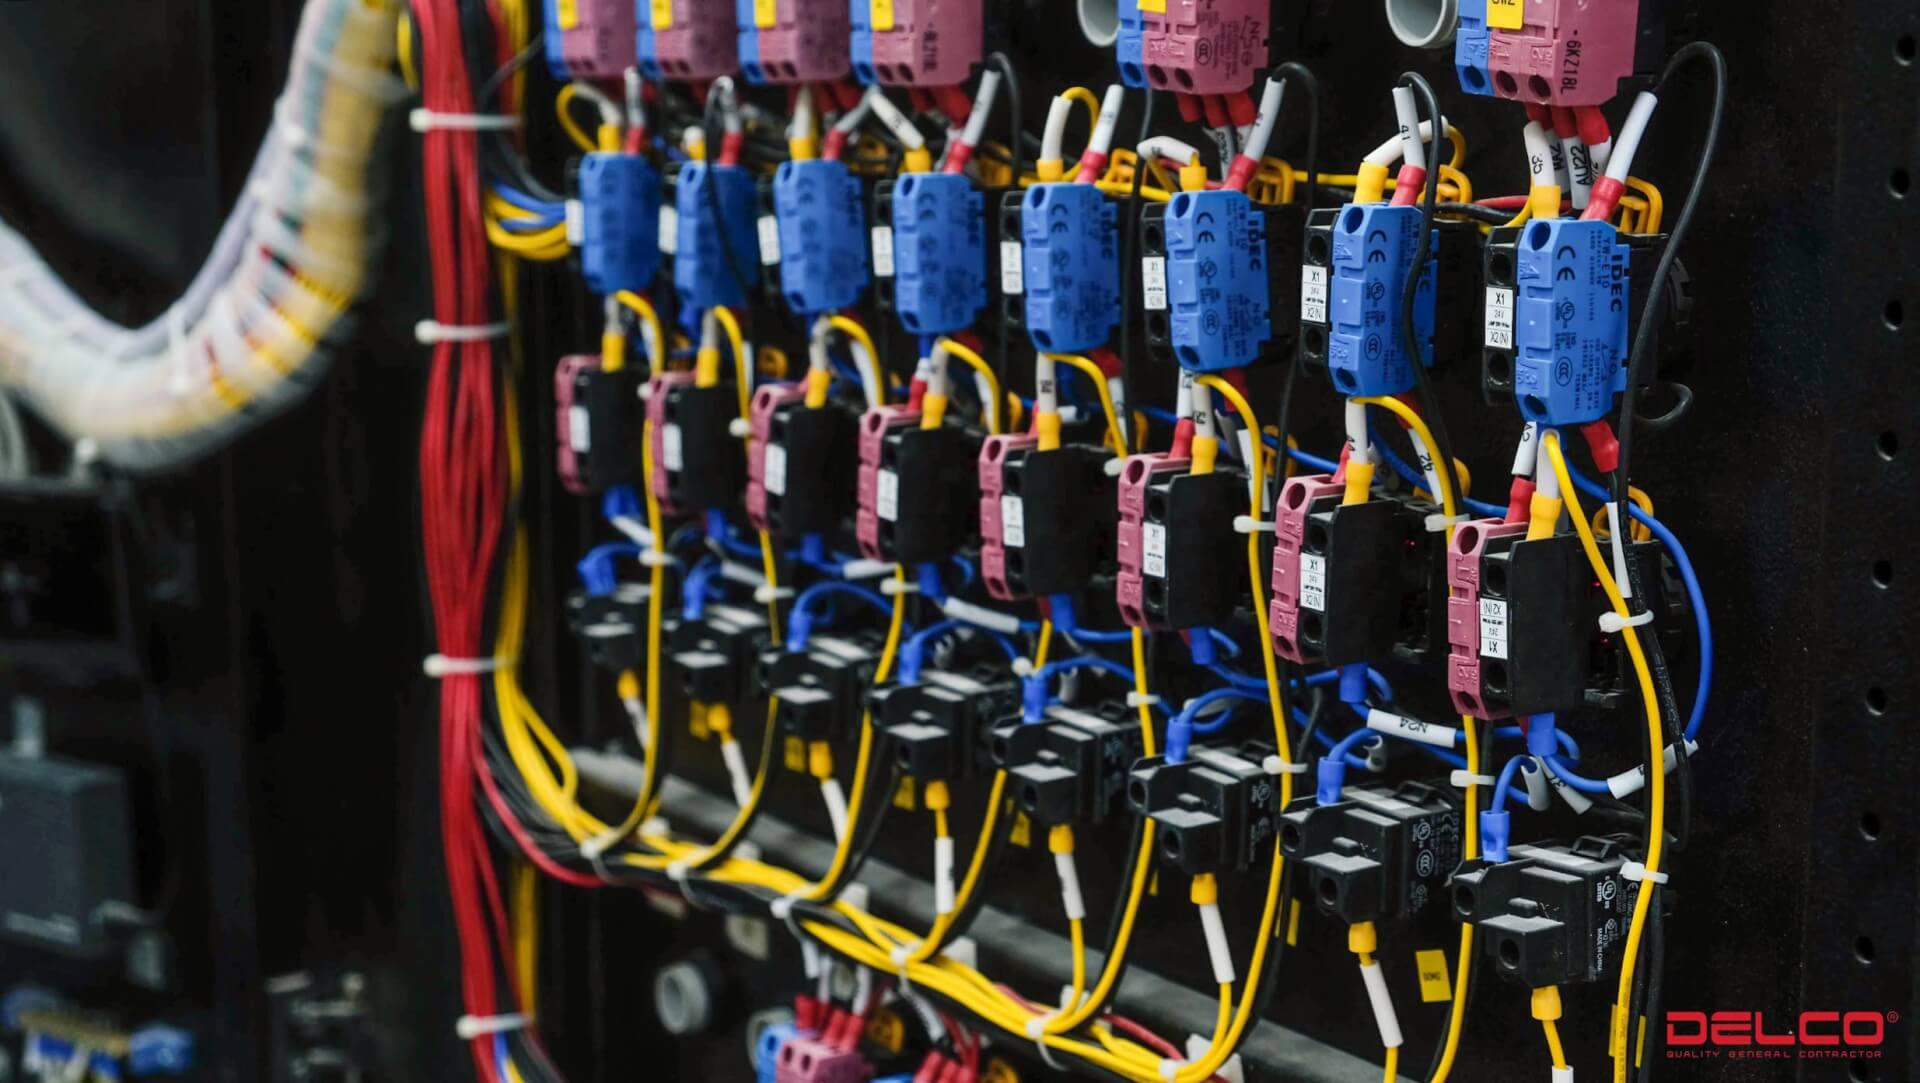 Hệ thống cơ điện M&E (MEP) do delco cung cấp